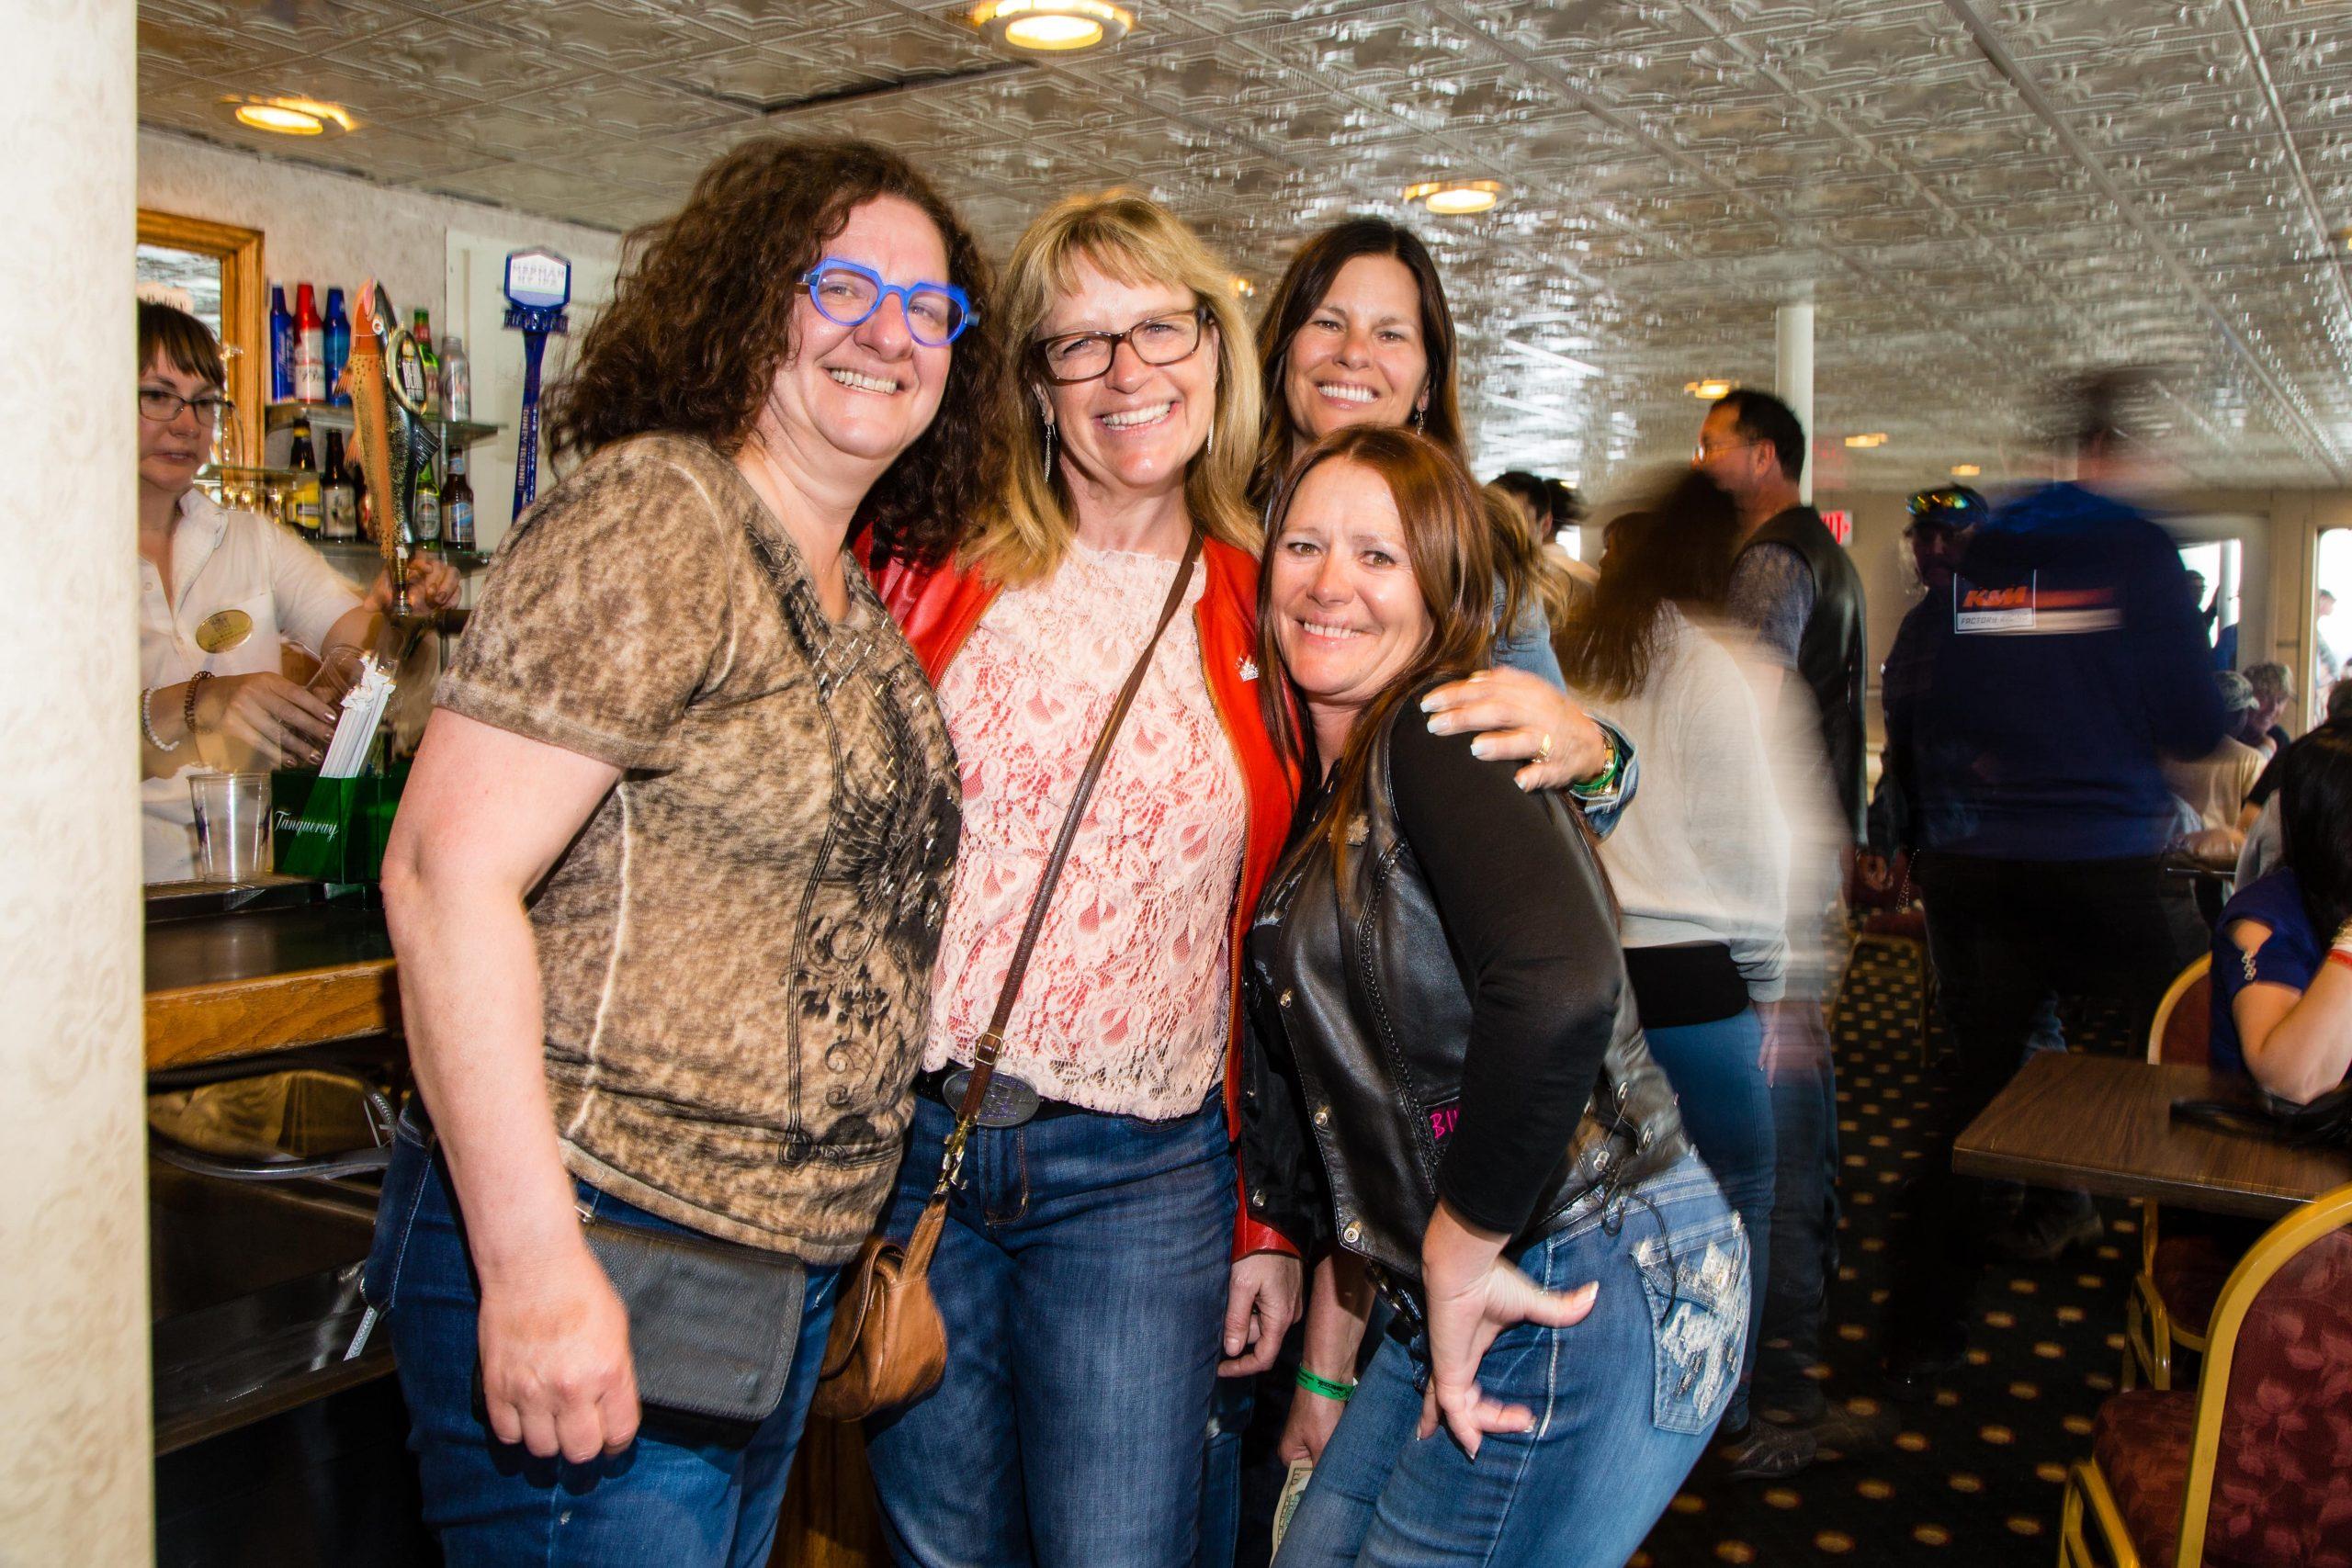 Women smiling at Americade